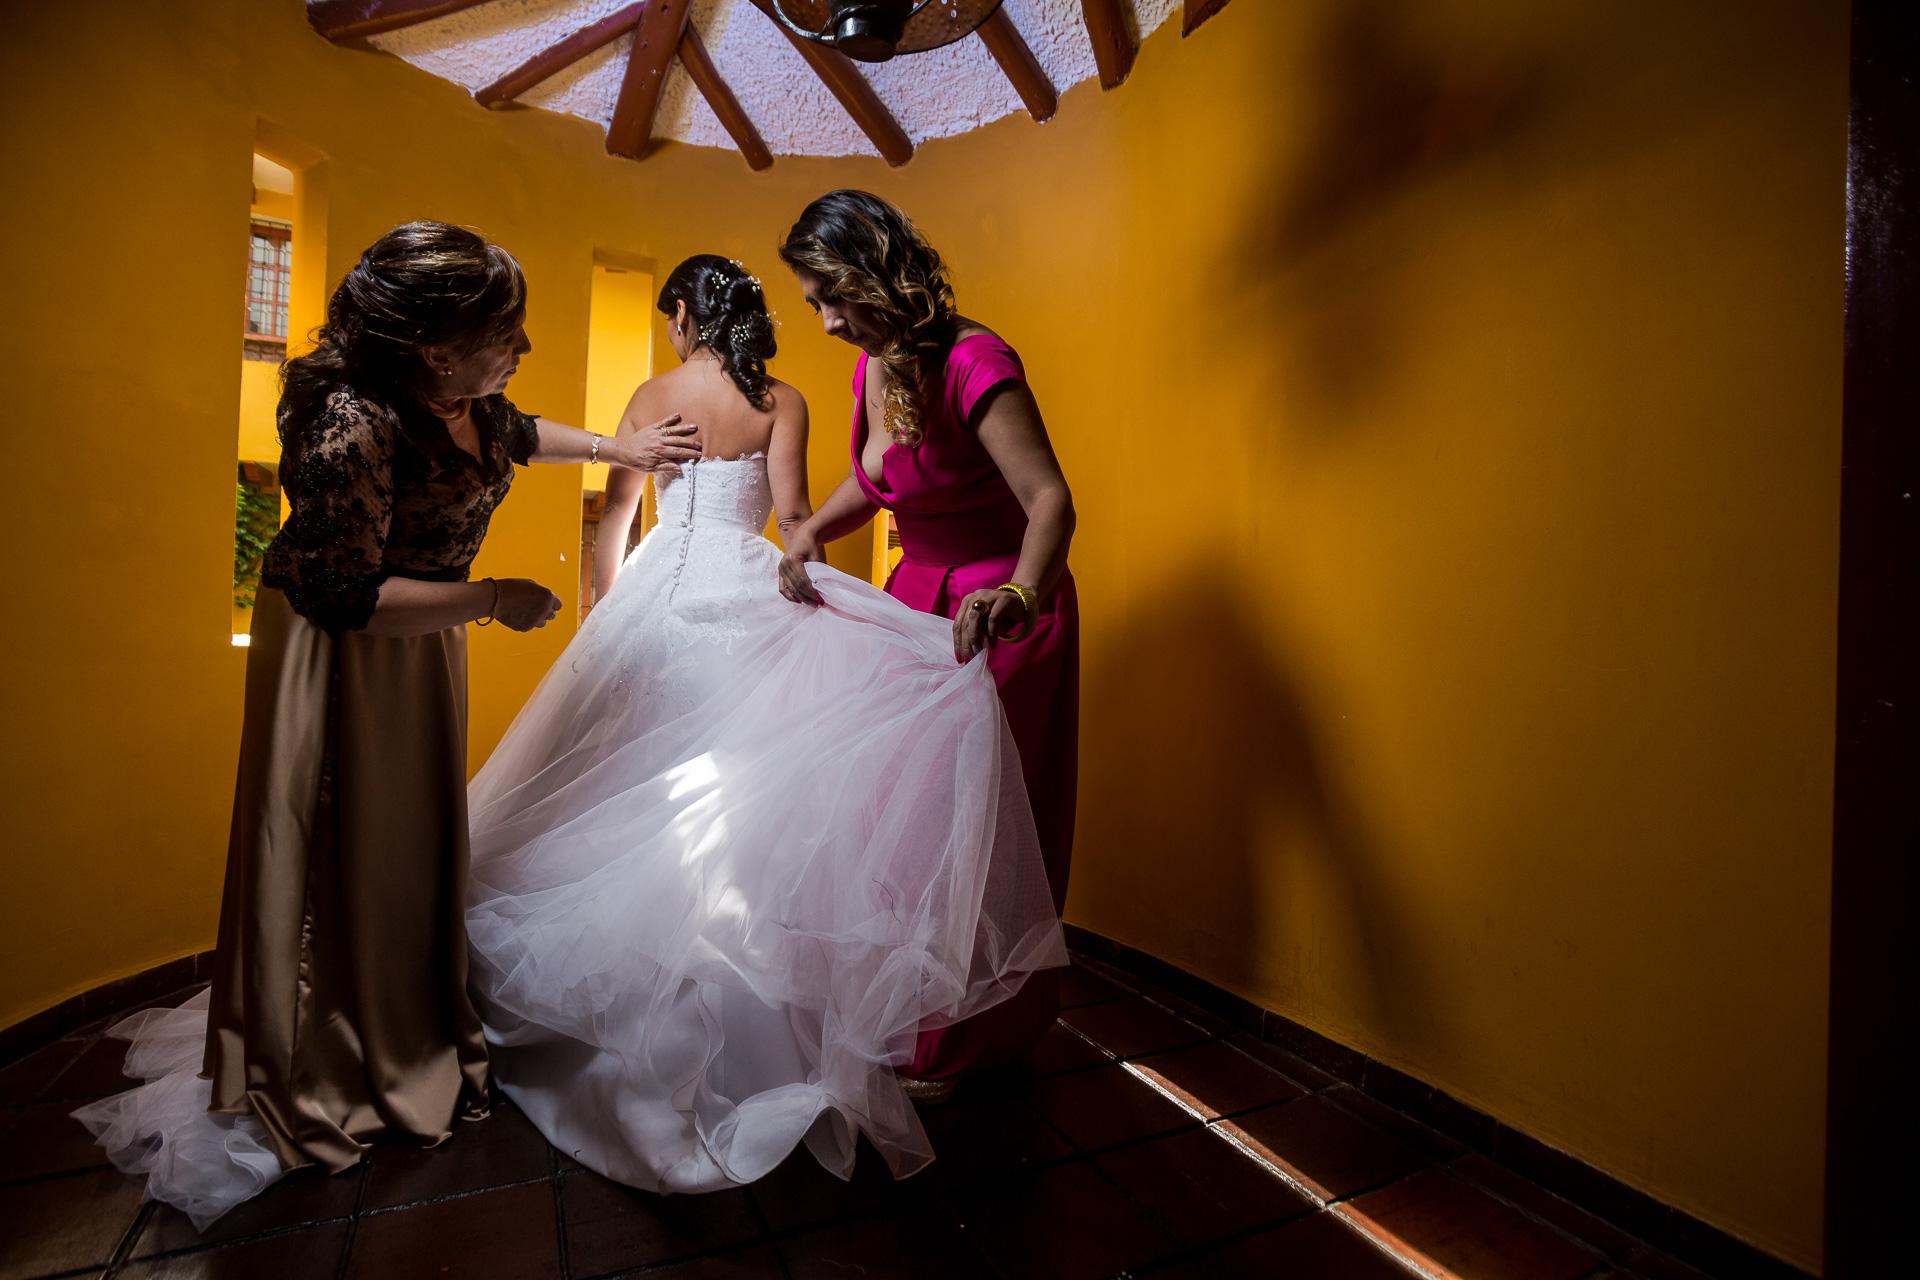 Fotógrafos-de-bodas-en-Colombia-Angela-y-Antonio-19 ANGELA Y ANTONIO